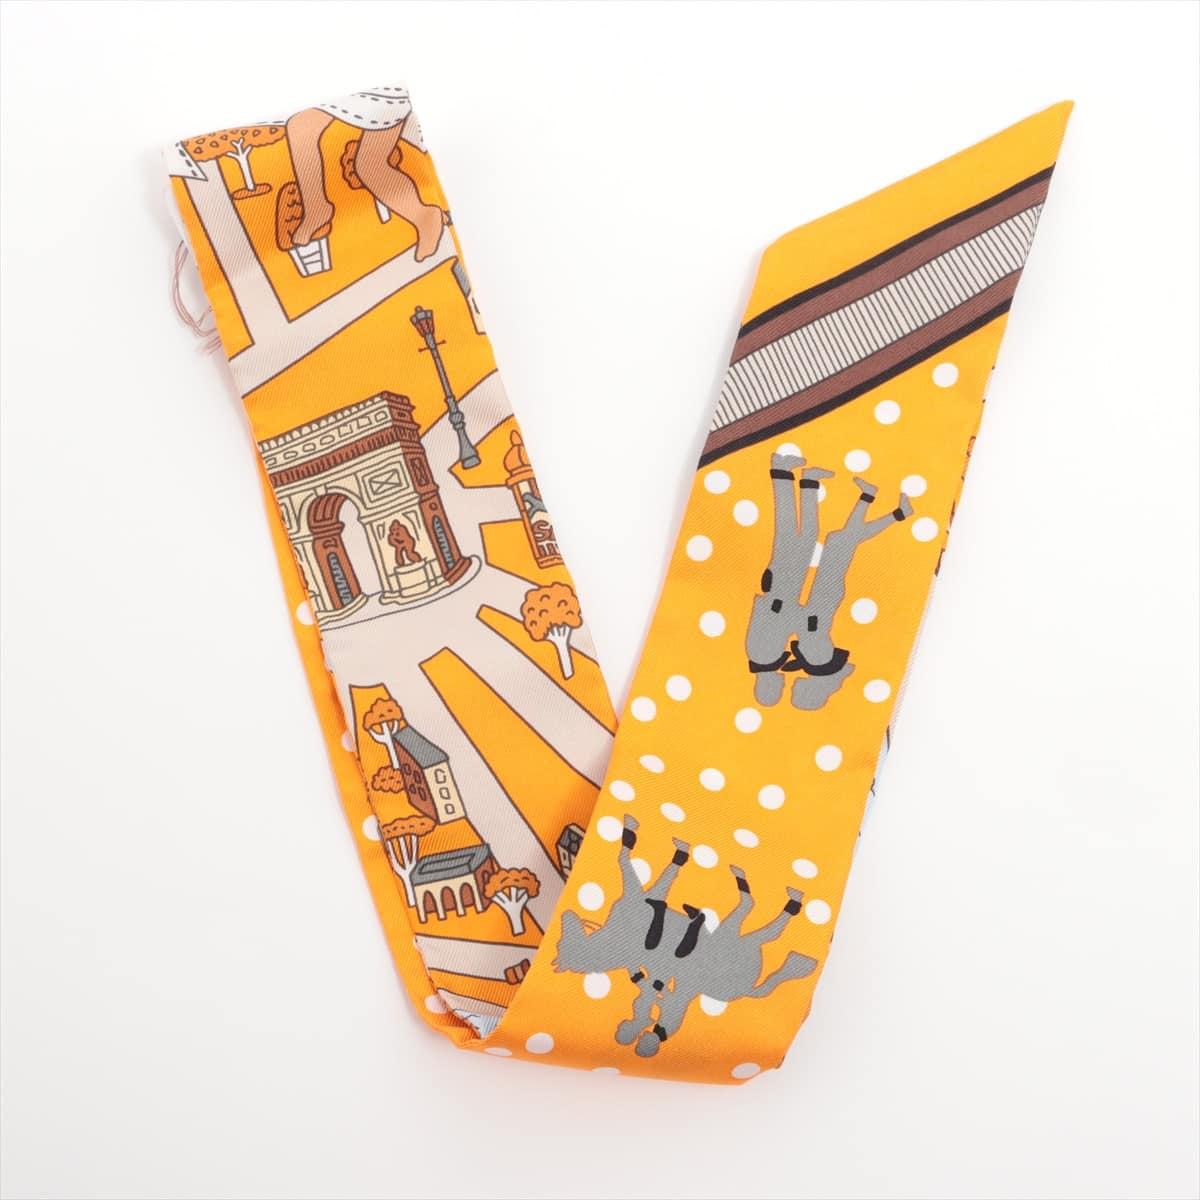 中古 エルメス ツイリー Les Nouveaux Amoureux de ギフト プレゼント ご褒美 シルク パリの恋人たち ストア オレンジ 新 Paris スカーフ